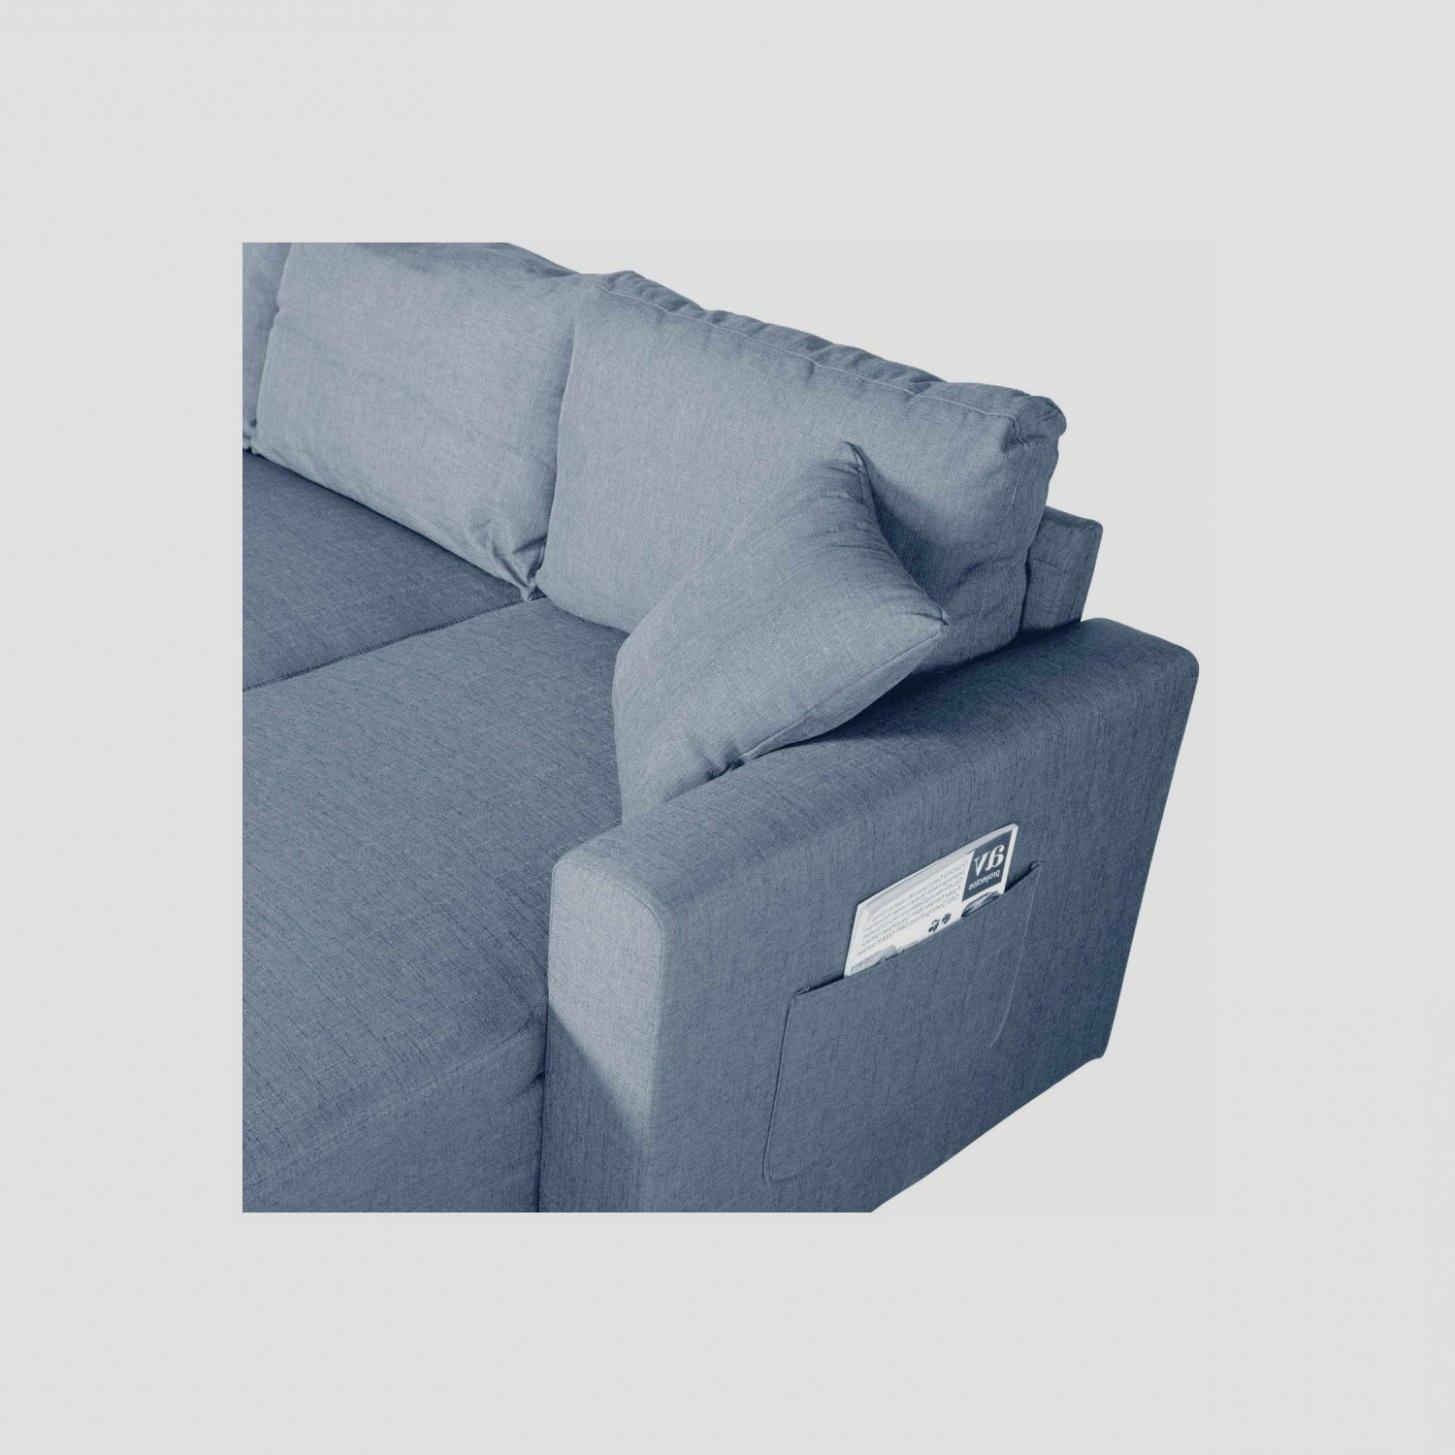 Sillon Cama 1 Plaza Merkamueble Thdr Sillon Cama 1 Plaza Merkamueble Agradable Impresionante sofas Cama